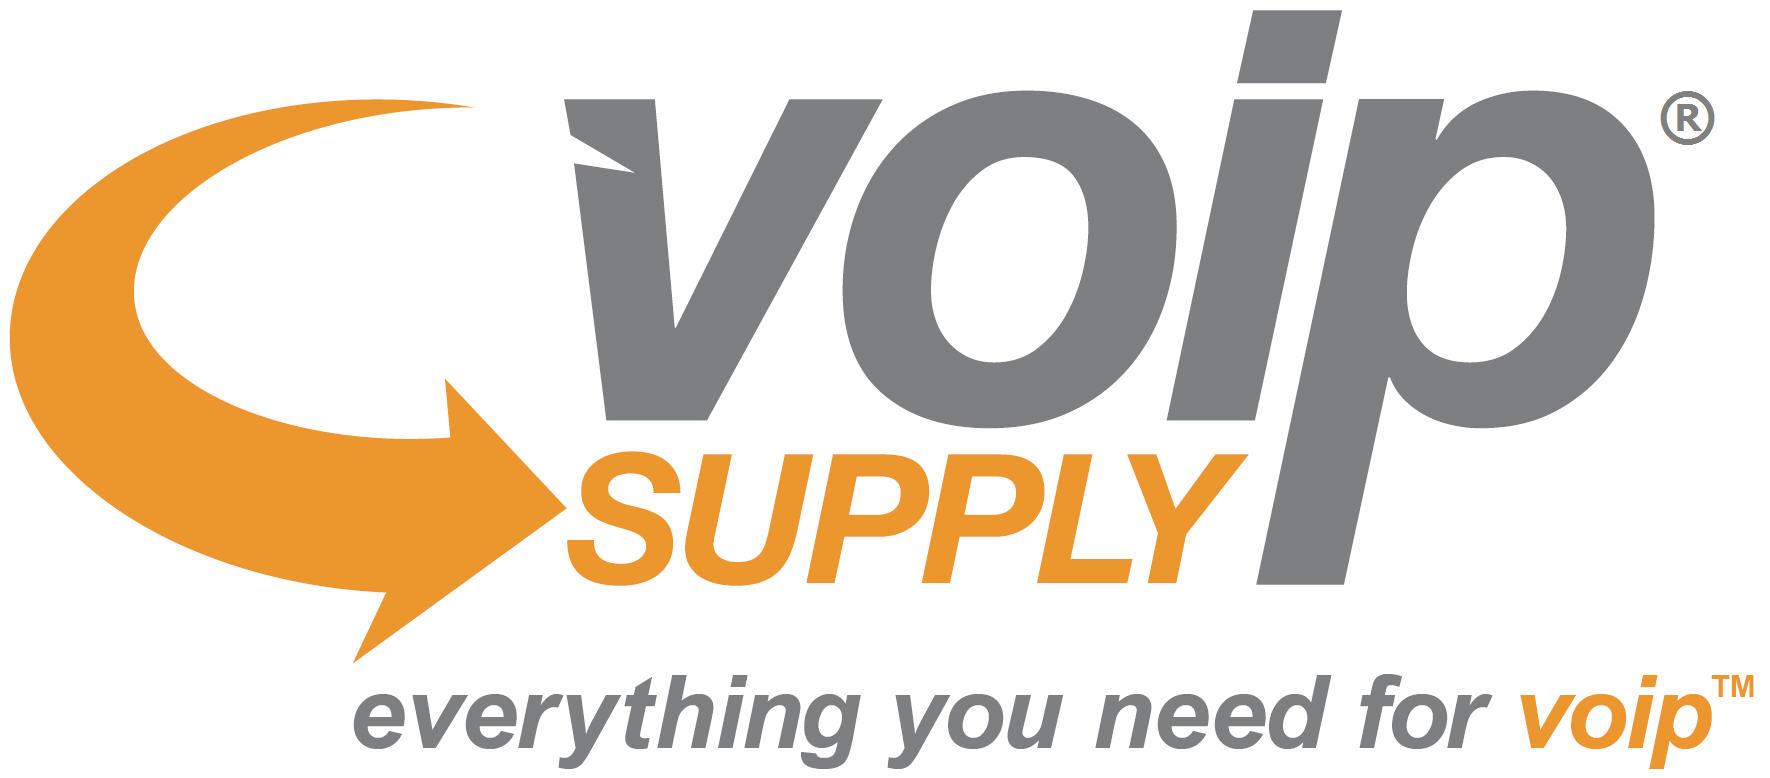 VoIP Supply